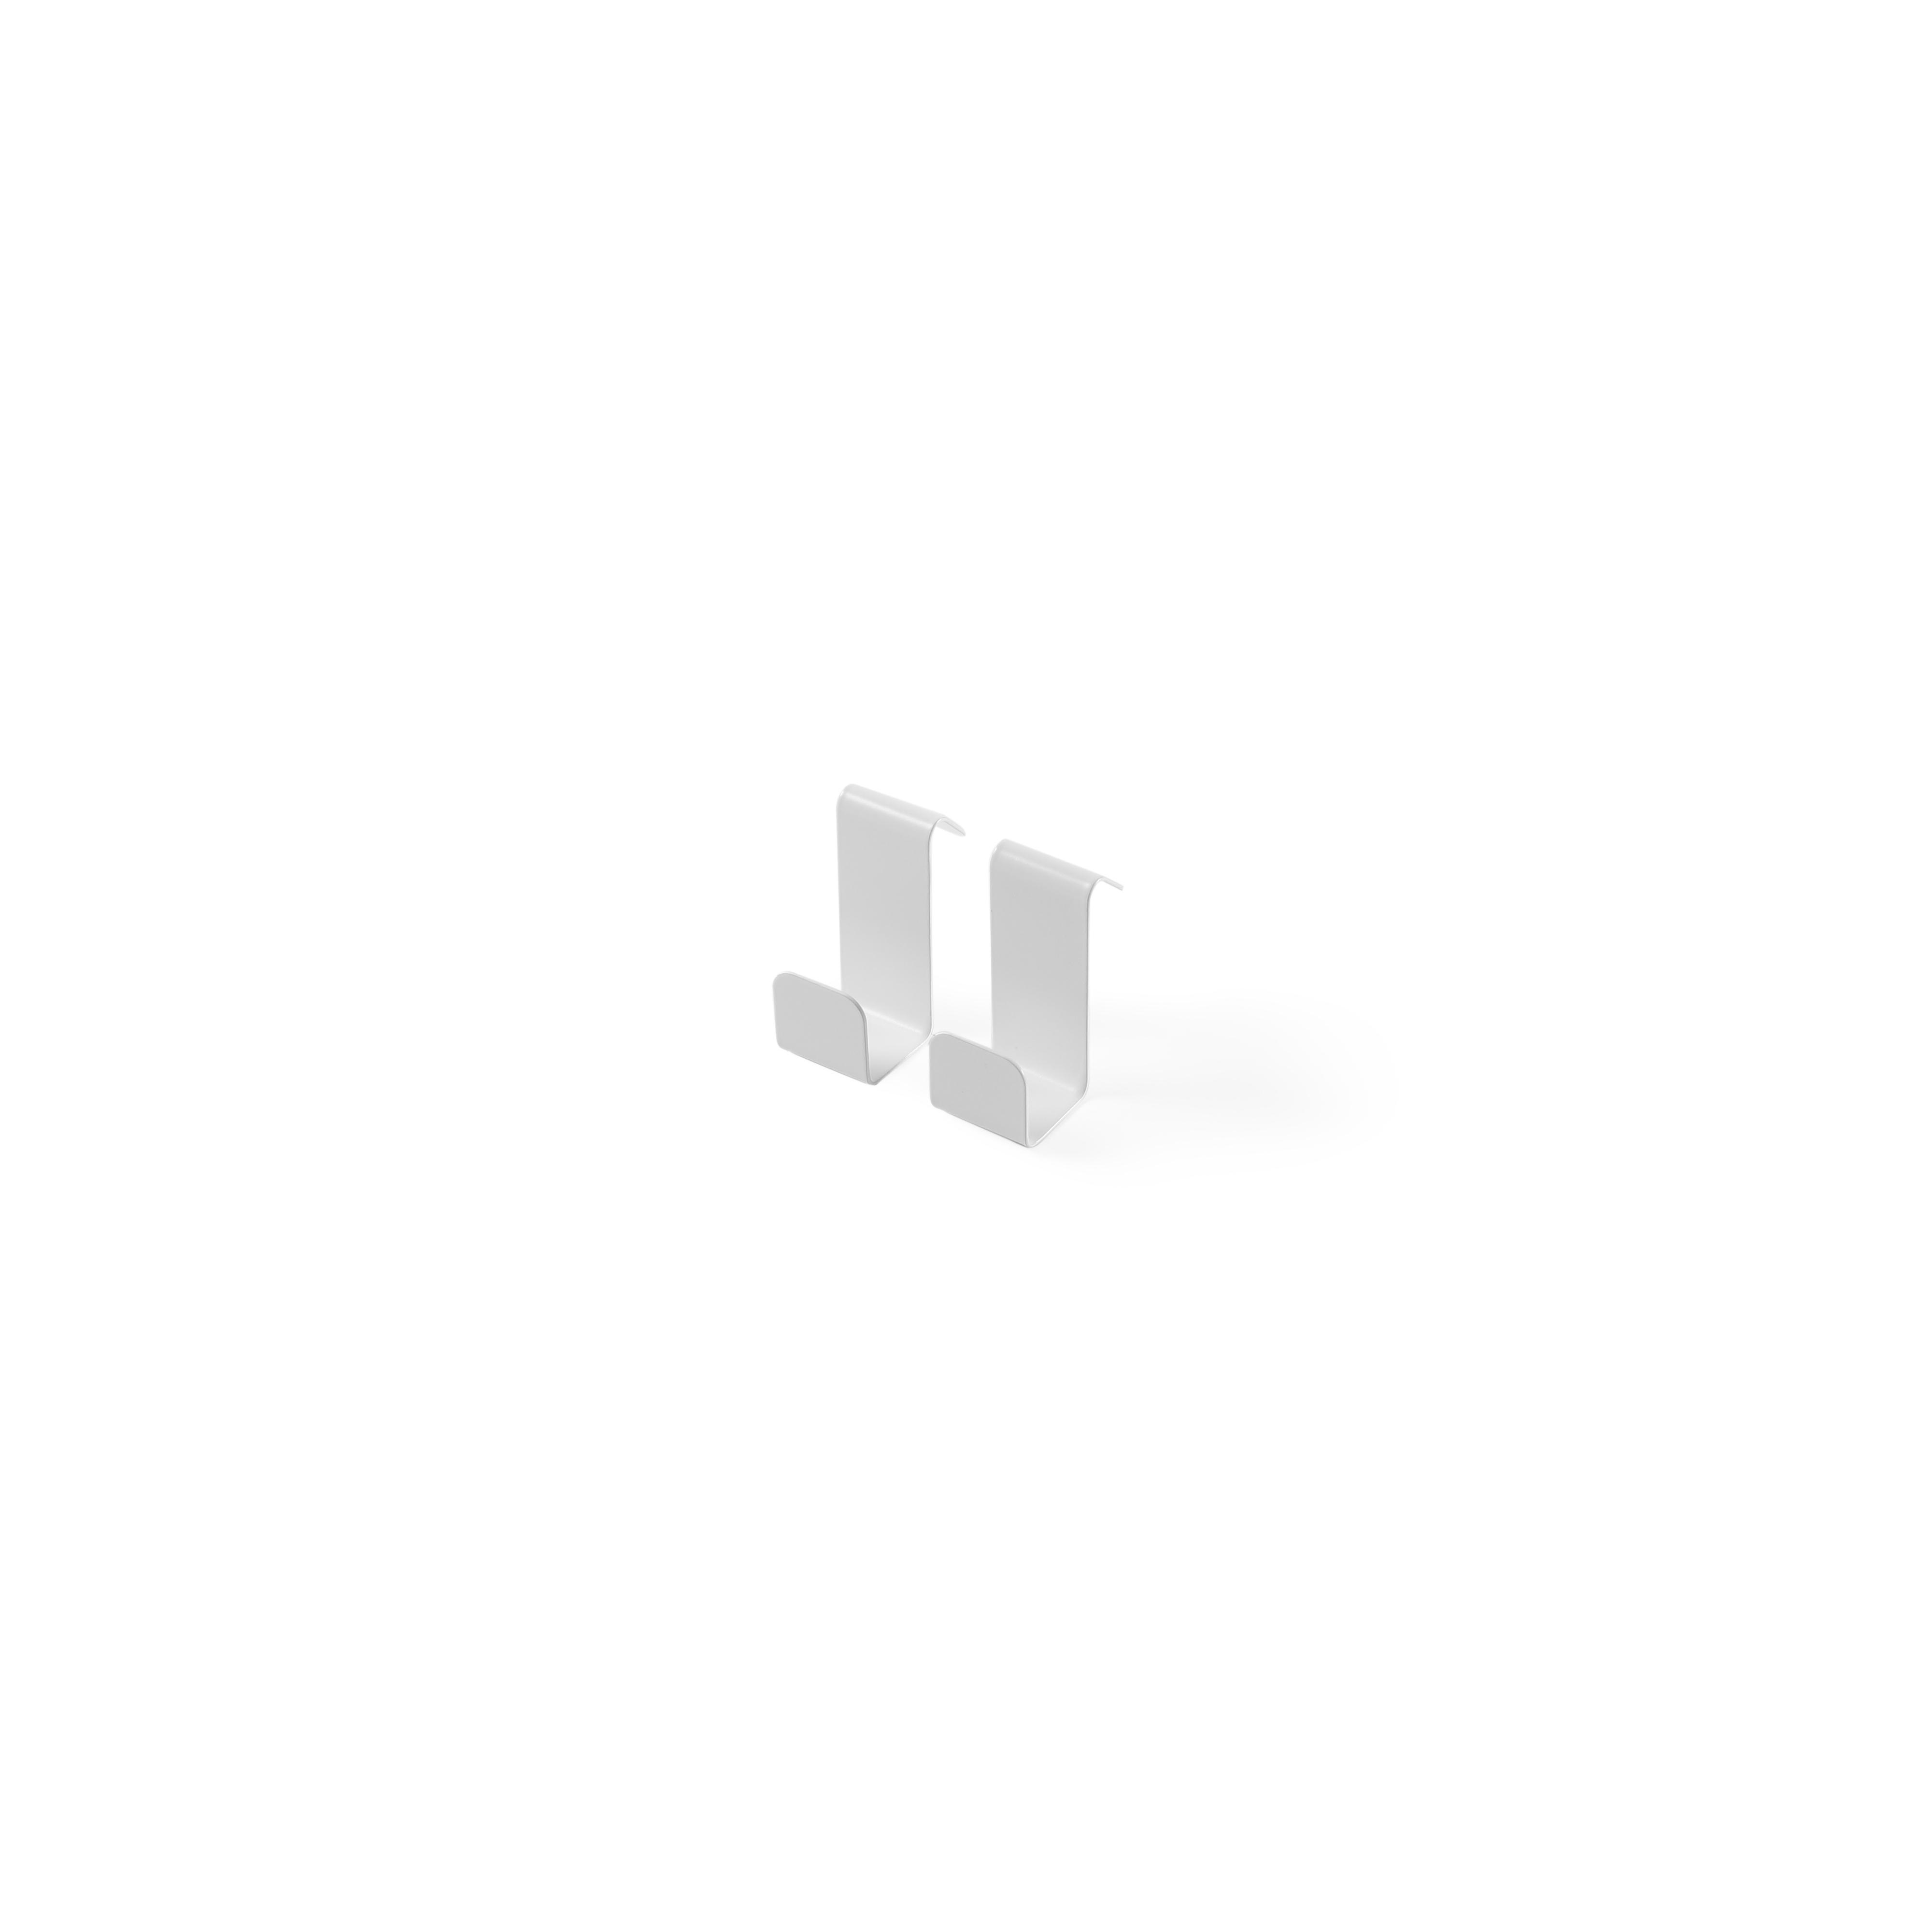 Gejst - Hooks - White (412)